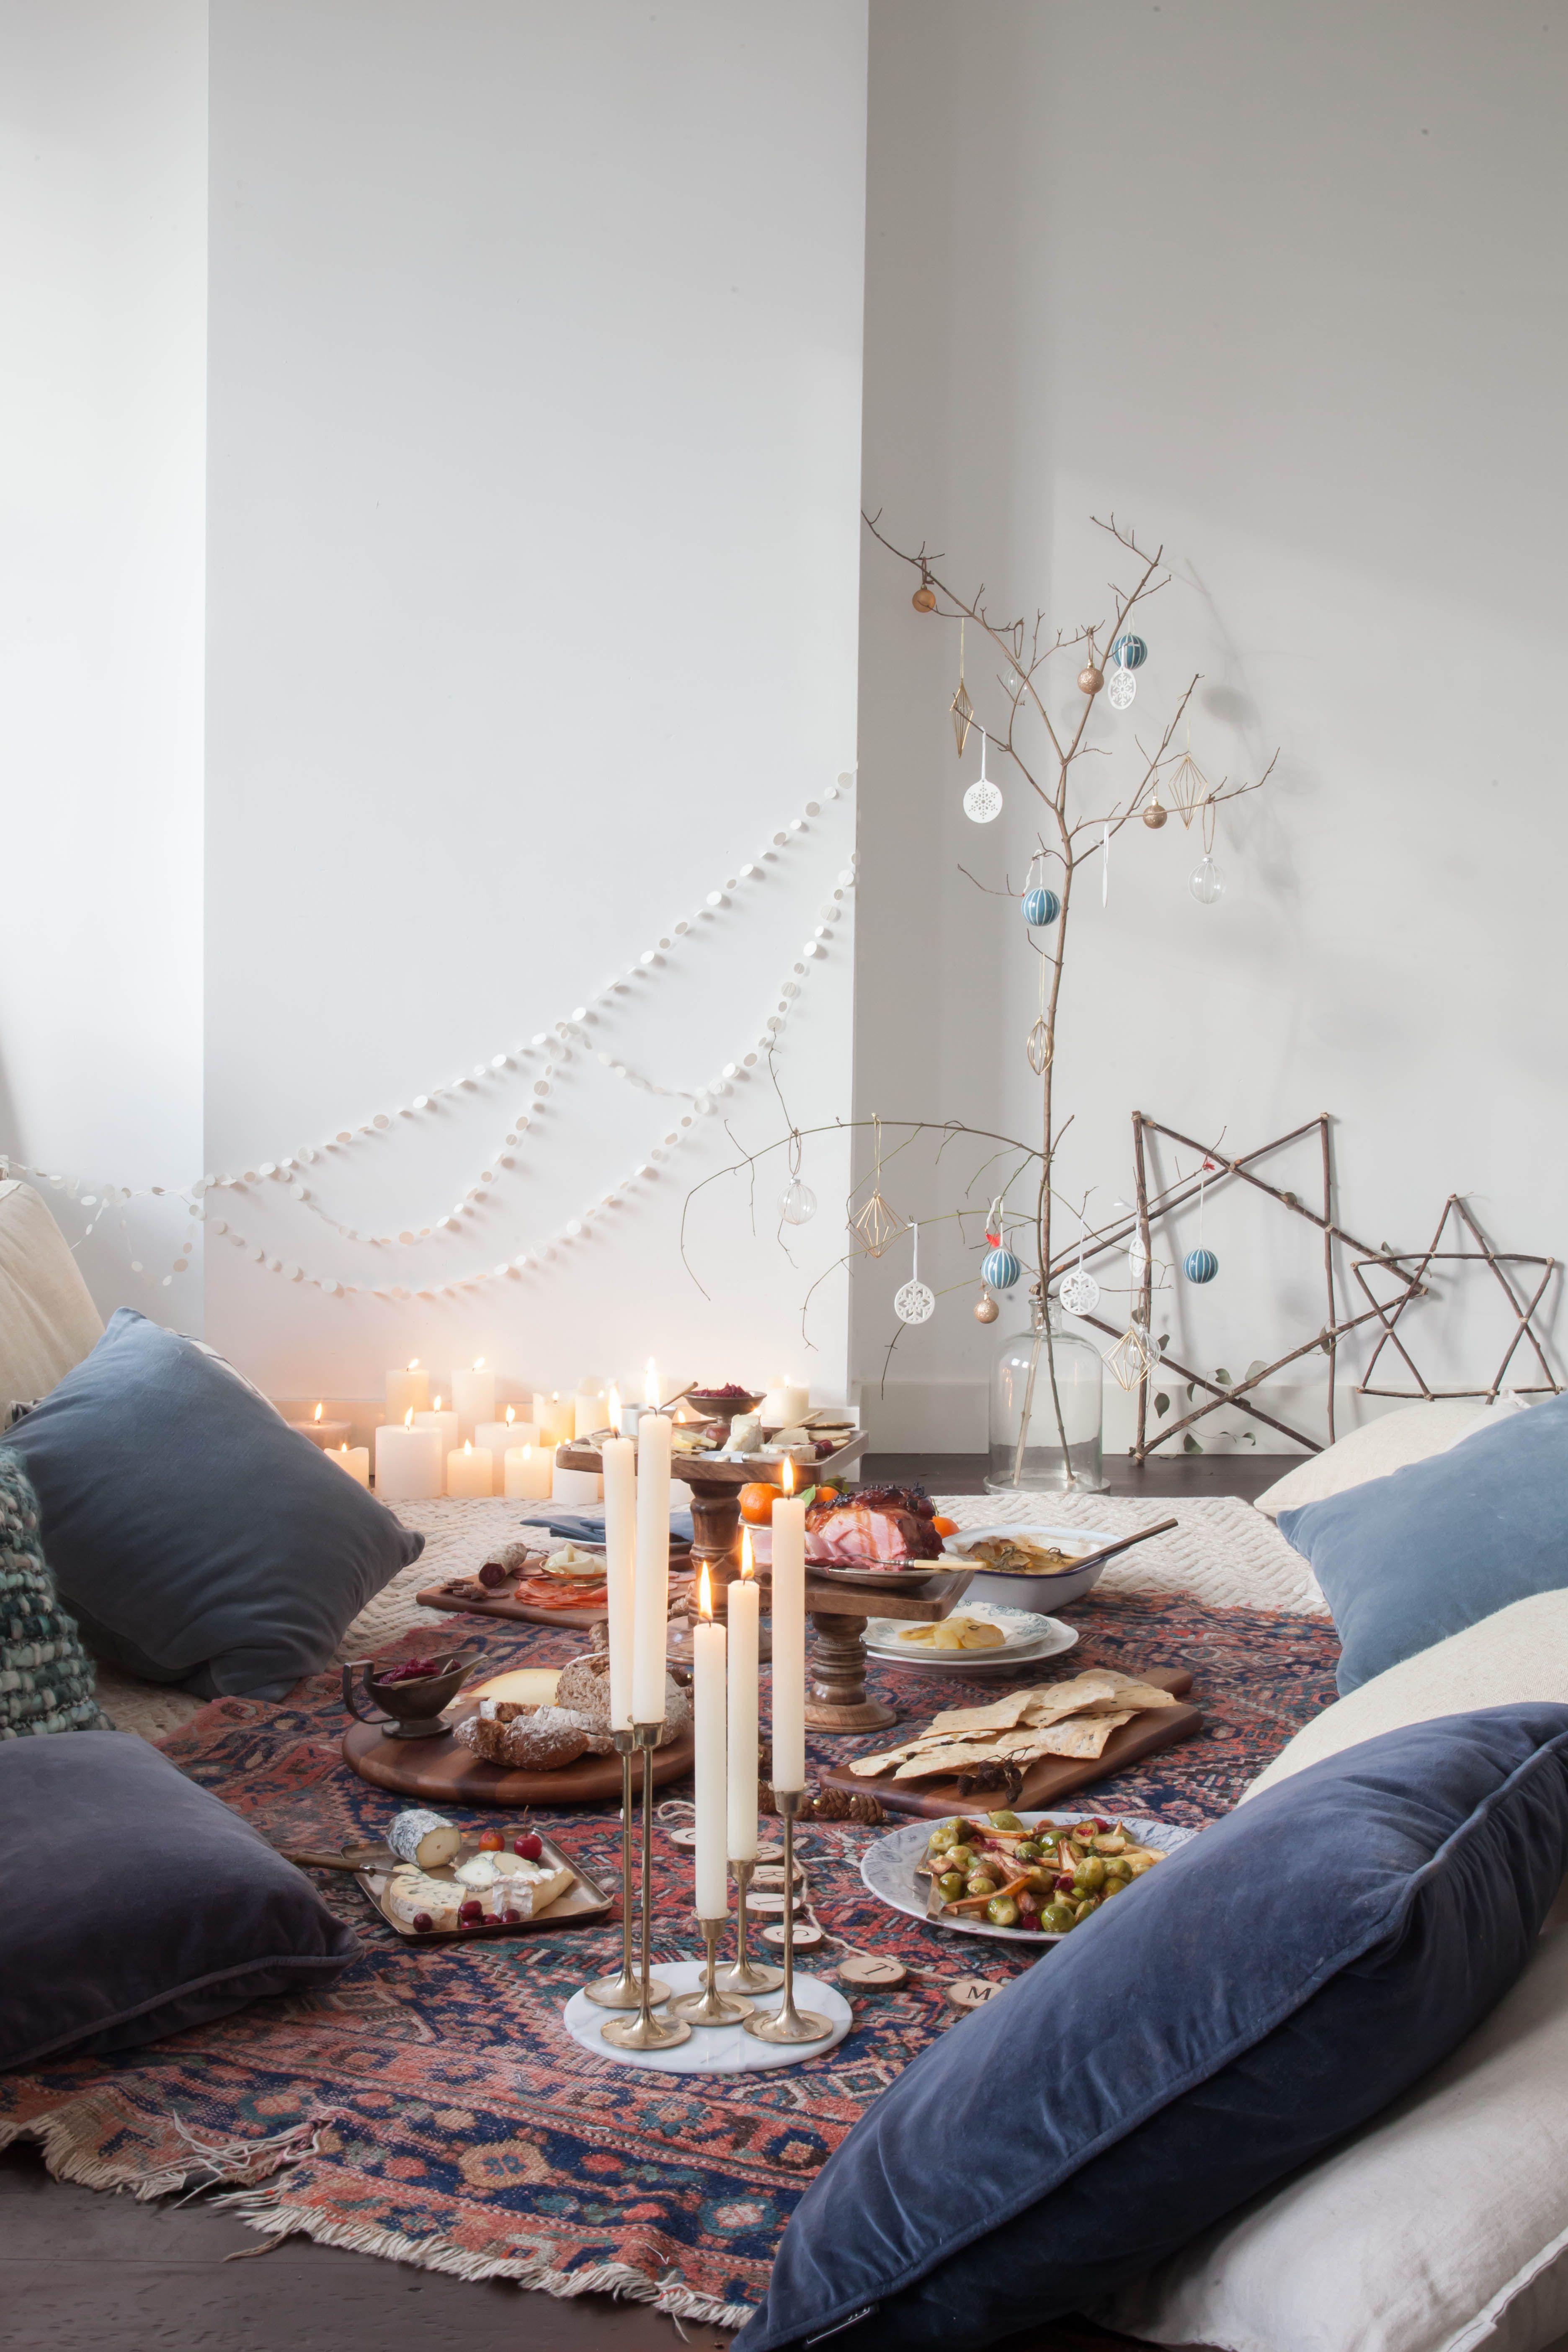 Beautiful Weihnachten Mit Freunden, Weihnachtspicknick   Dekoration Im Boho Style. Gallery